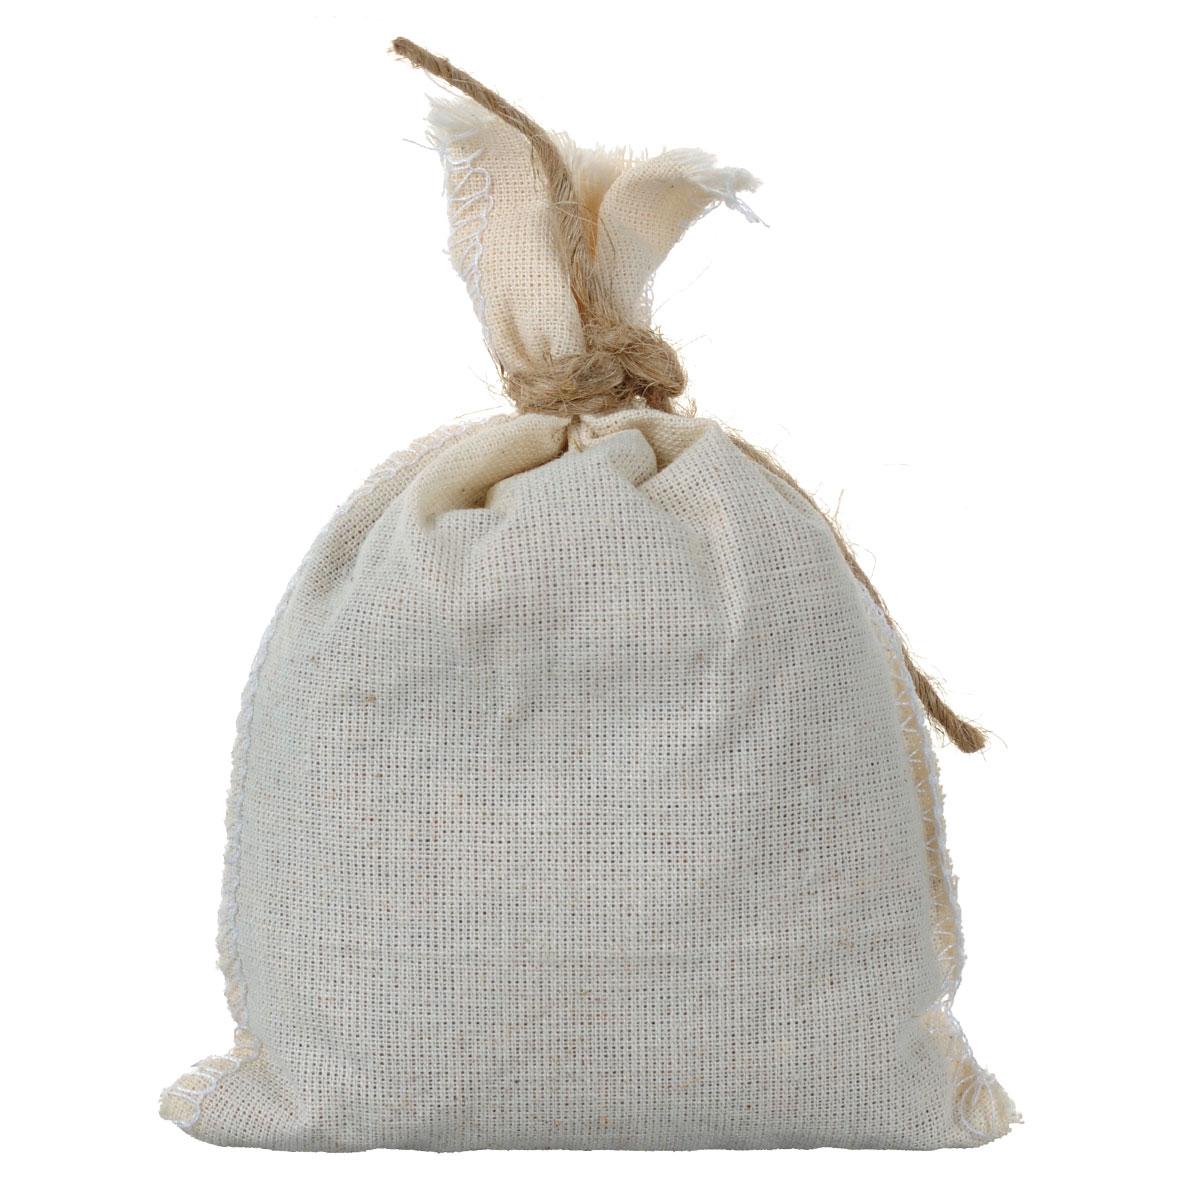 Запарка банная травяная Можжевельник и зверобой, 30 г00007580Травяная запарка для бани Можжевельник и зверобой позволит расслабиться и насладиться приятным ароматом натуральных трав. Живительная сила 100% натуральных травяных сборов способствует оздоровлению всего организма: - укрепляет иммунитет, - тонизирует, - витаминизирует, - выводит токсины, - рекомендована профессиональными парильщиками. Применение для бани и ванн: Мешочек заливается кипятком (3 л) и настаивается 15-20 минут. Емкость желательно закрыть крышкой. Рекомендуется принимать ванну в течение 15 минут.